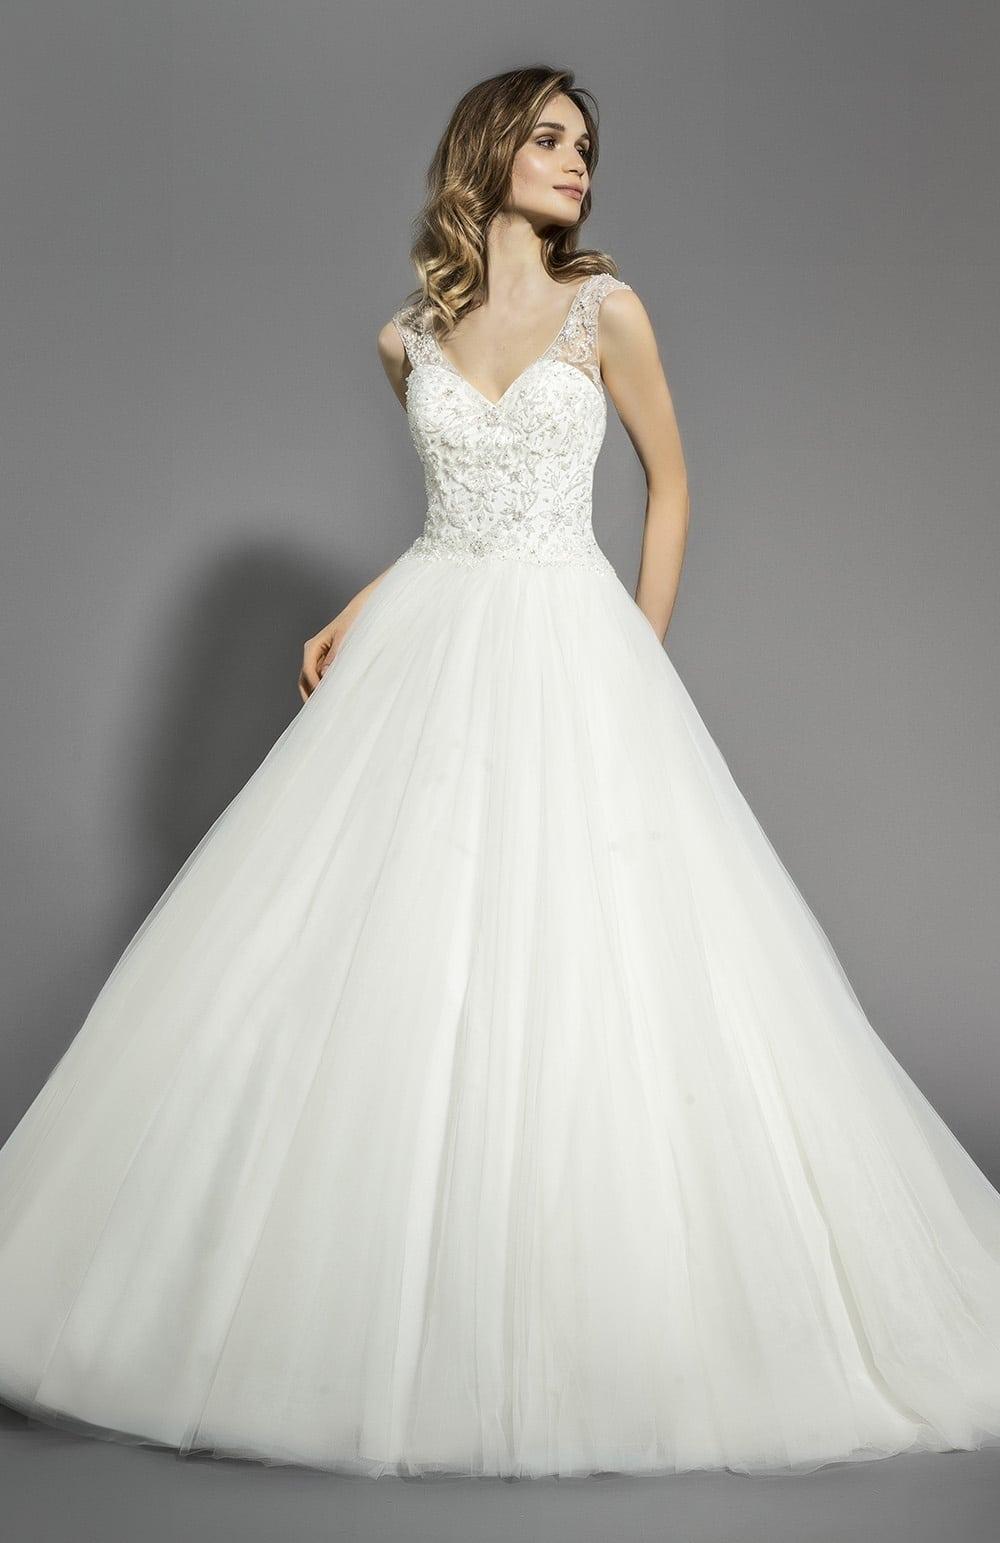 Robes de mariée style Volume